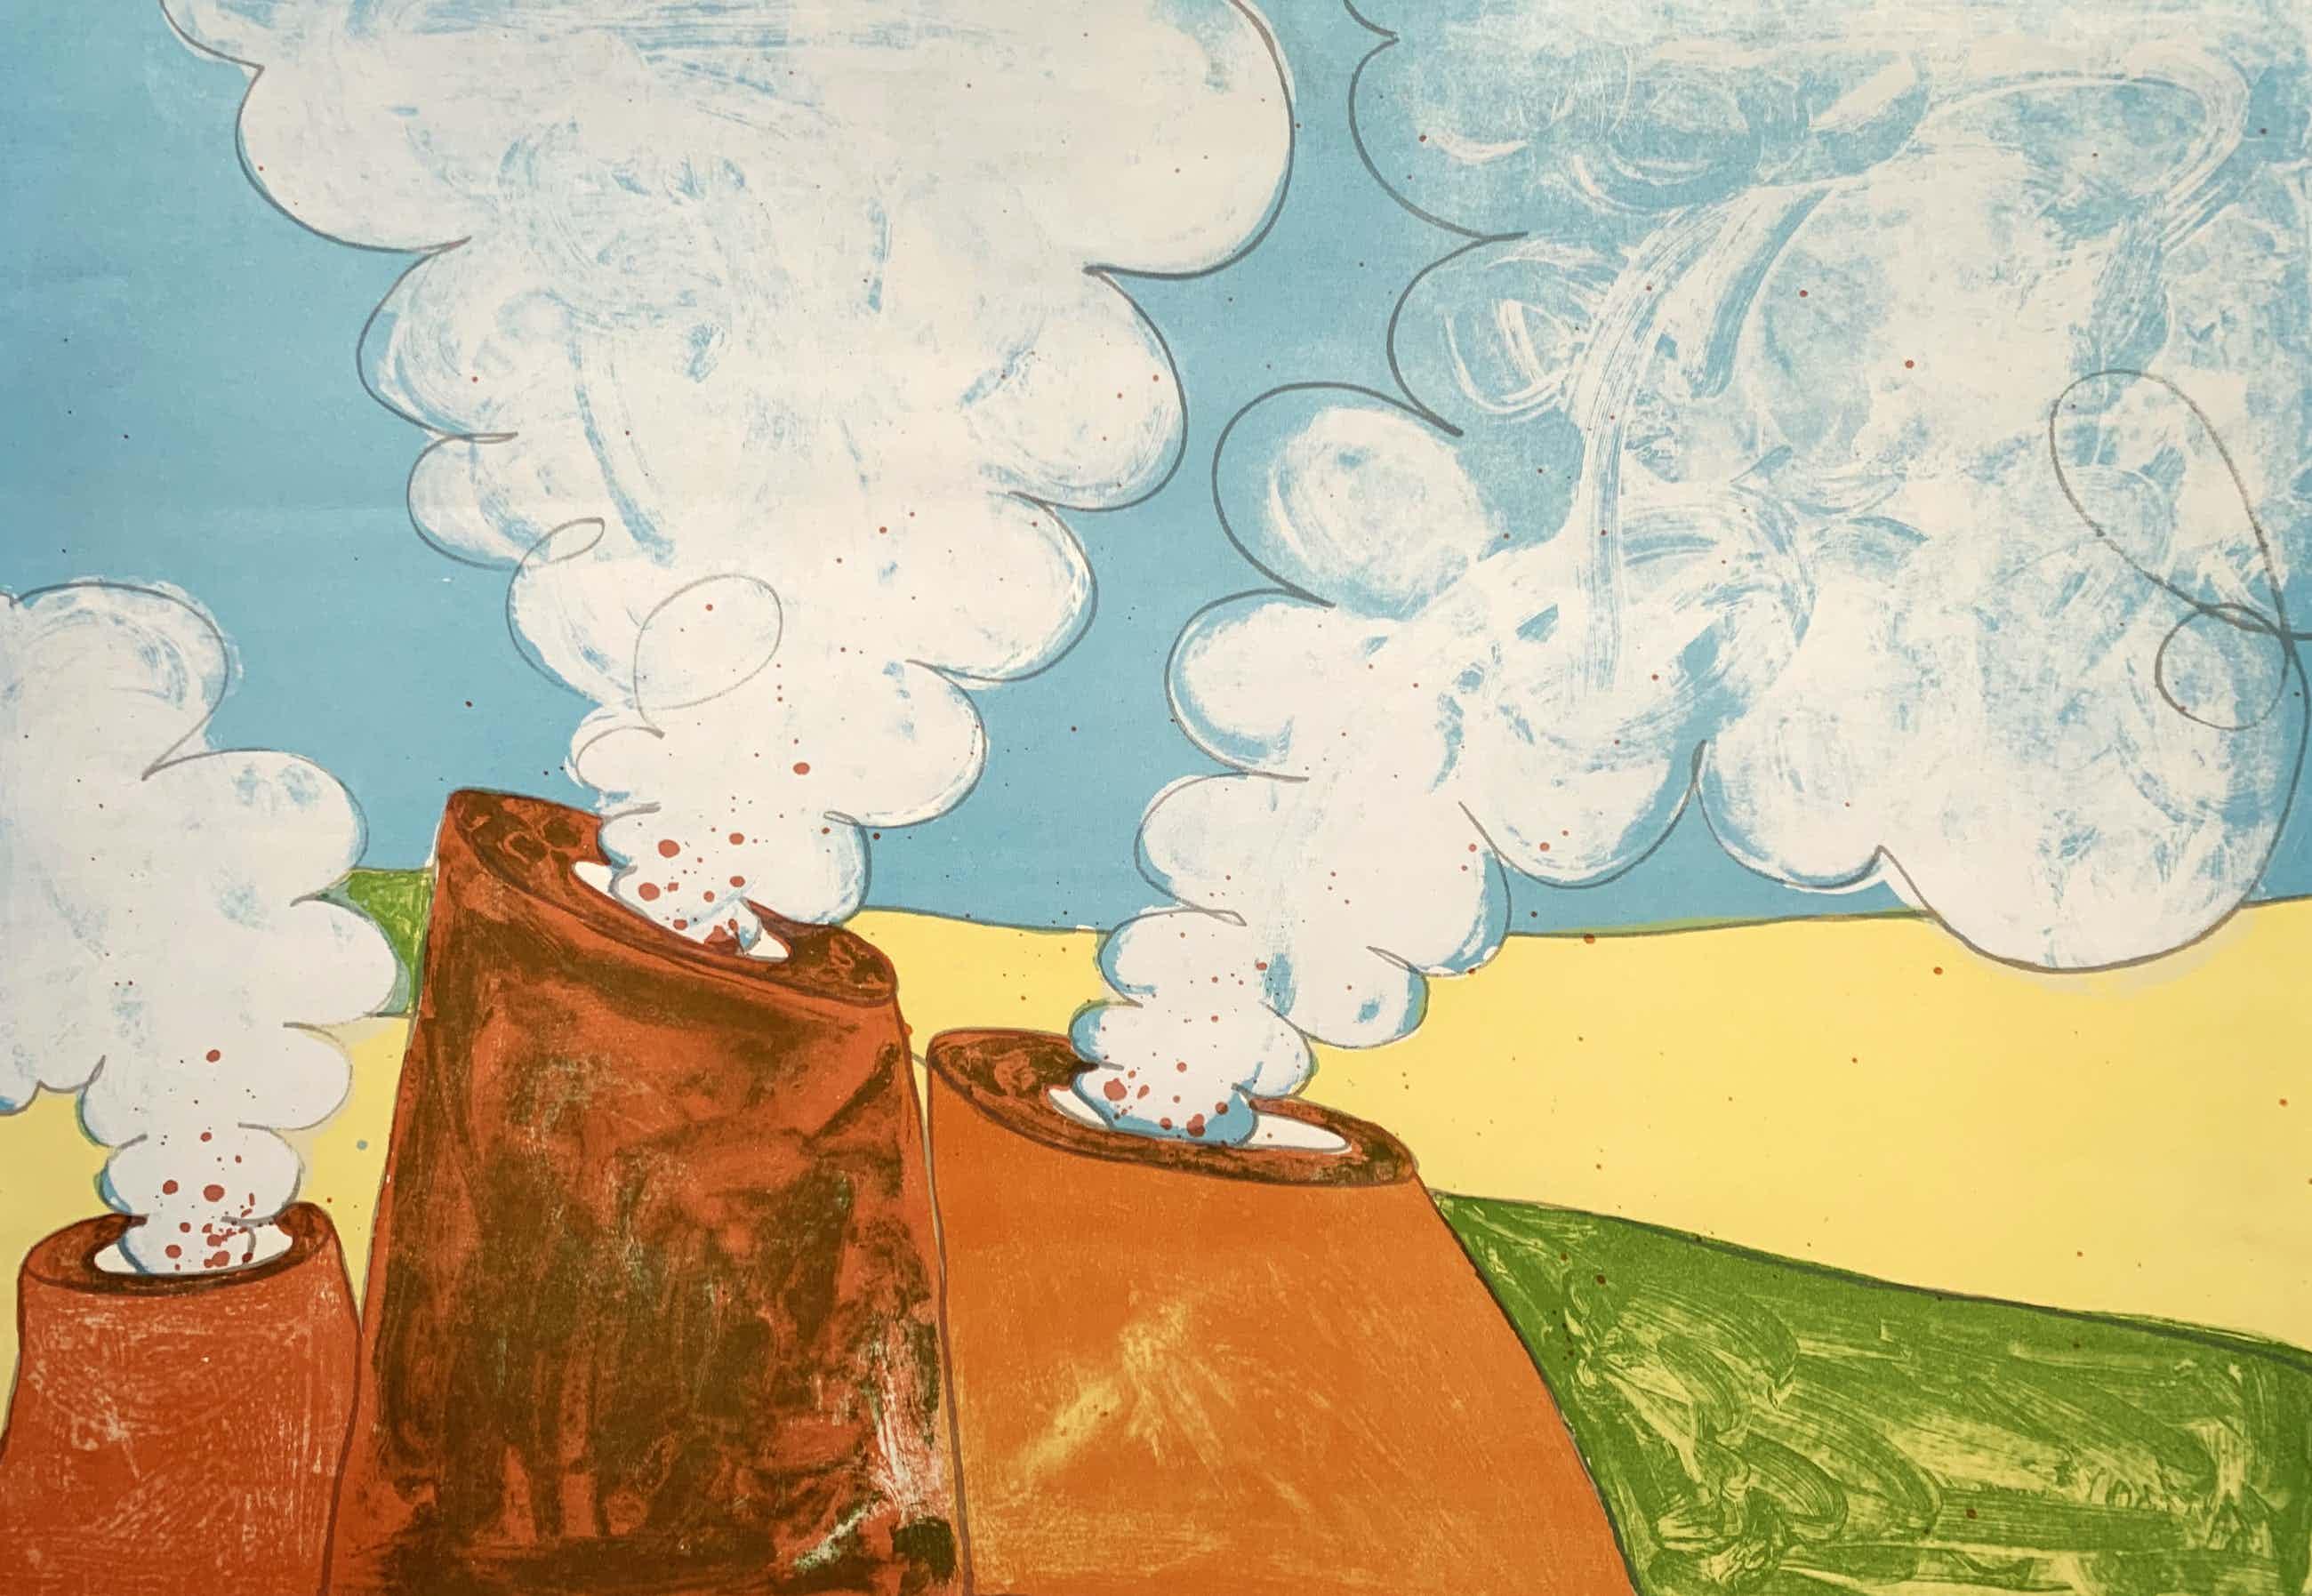 Mark Brusse - kleurenzeefdruk - 'Drie vulkanen' - 1980 kopen? Bied vanaf 75!